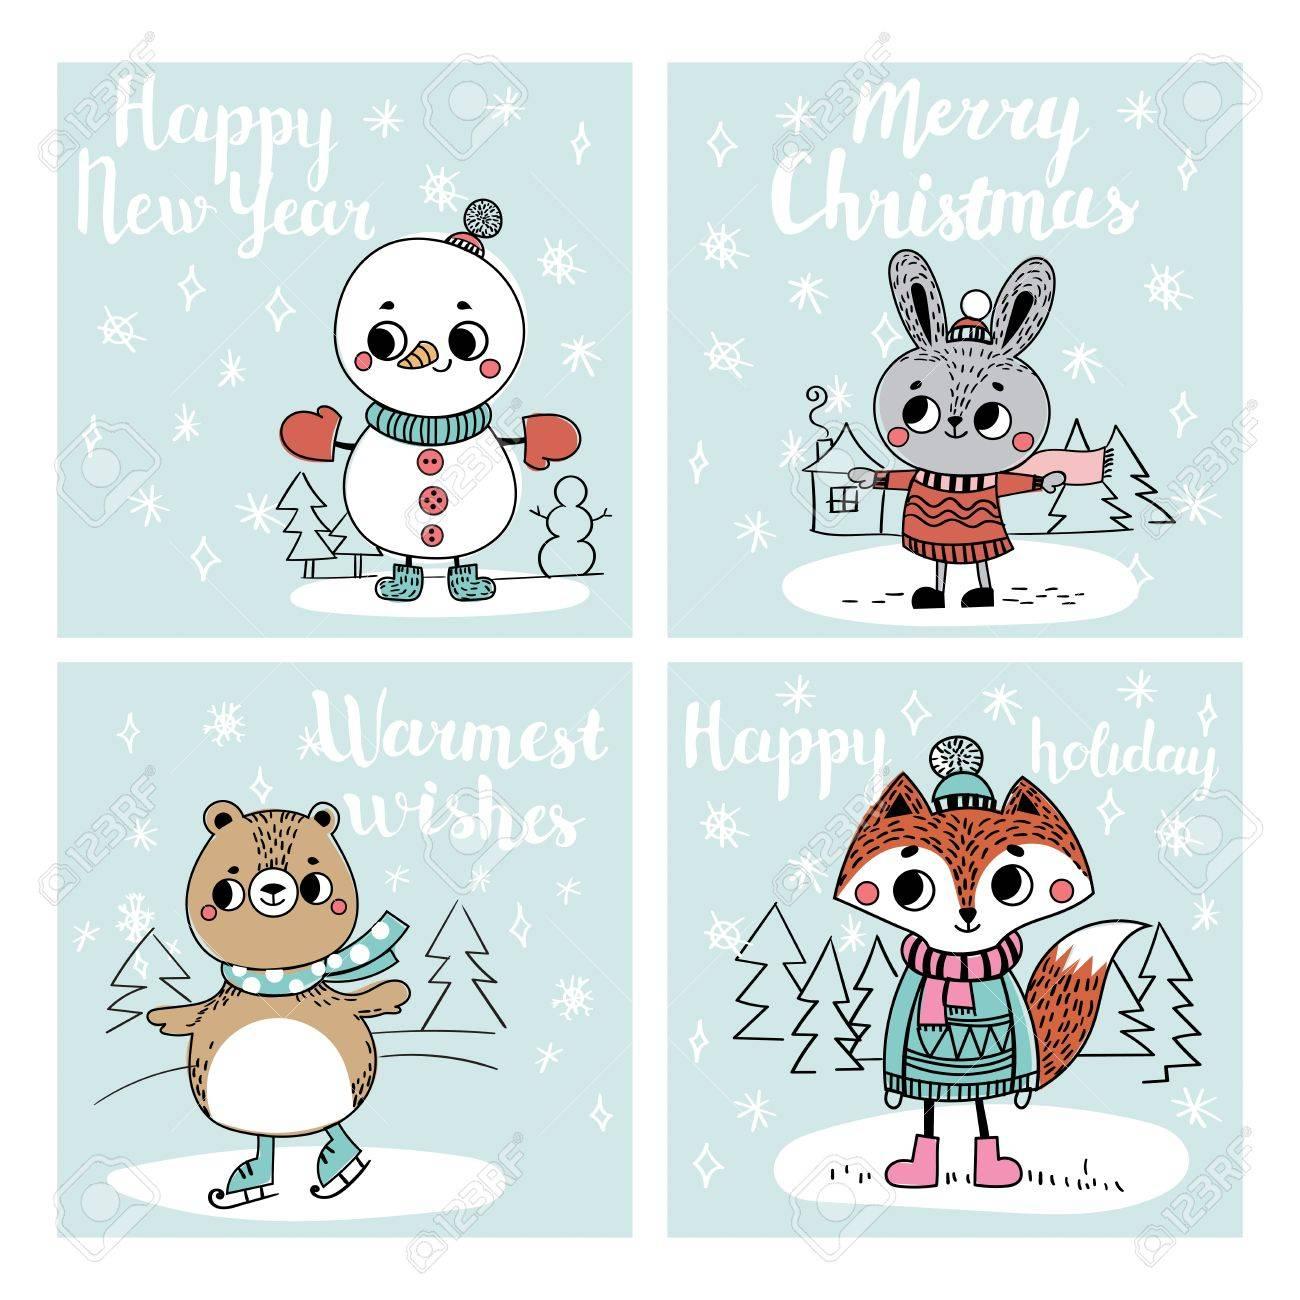 Weihnachtskarten Tiere.Stock Photo